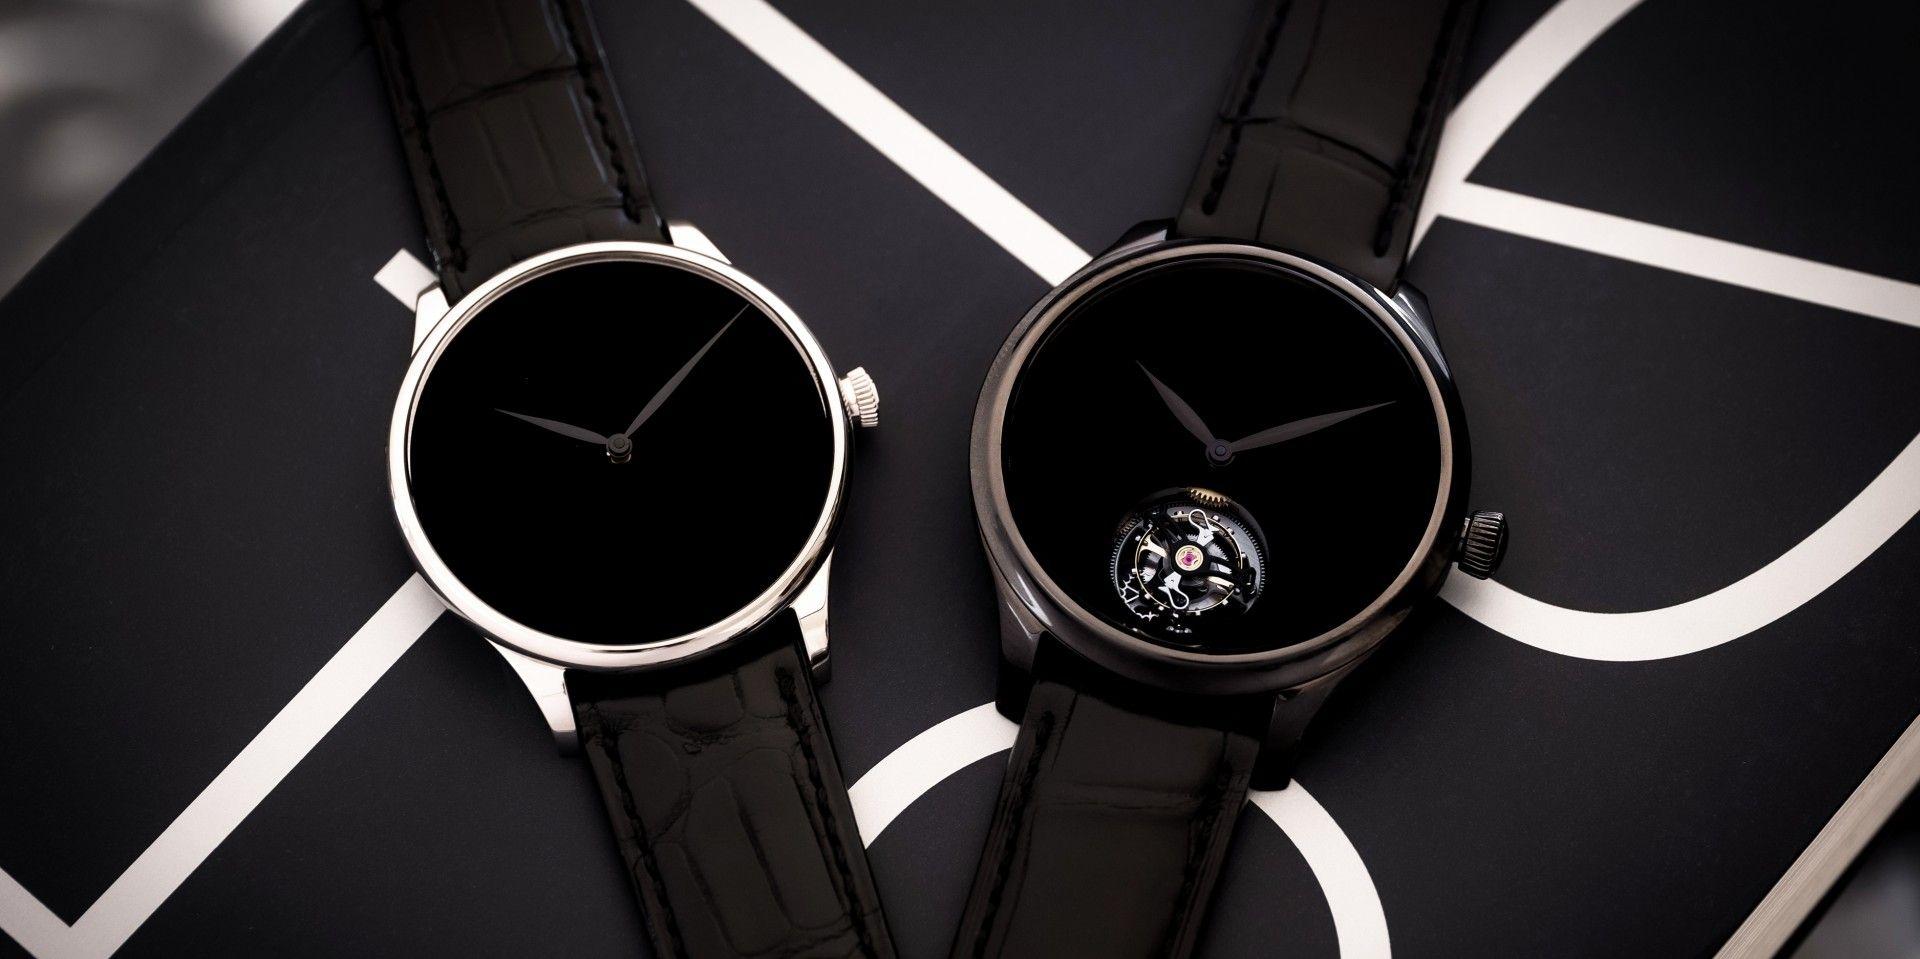 【2020 線上錶展】H. Moser & Cie.亨利慕時推出全新線上銷售平台,首發三款Vantablack®腕錶